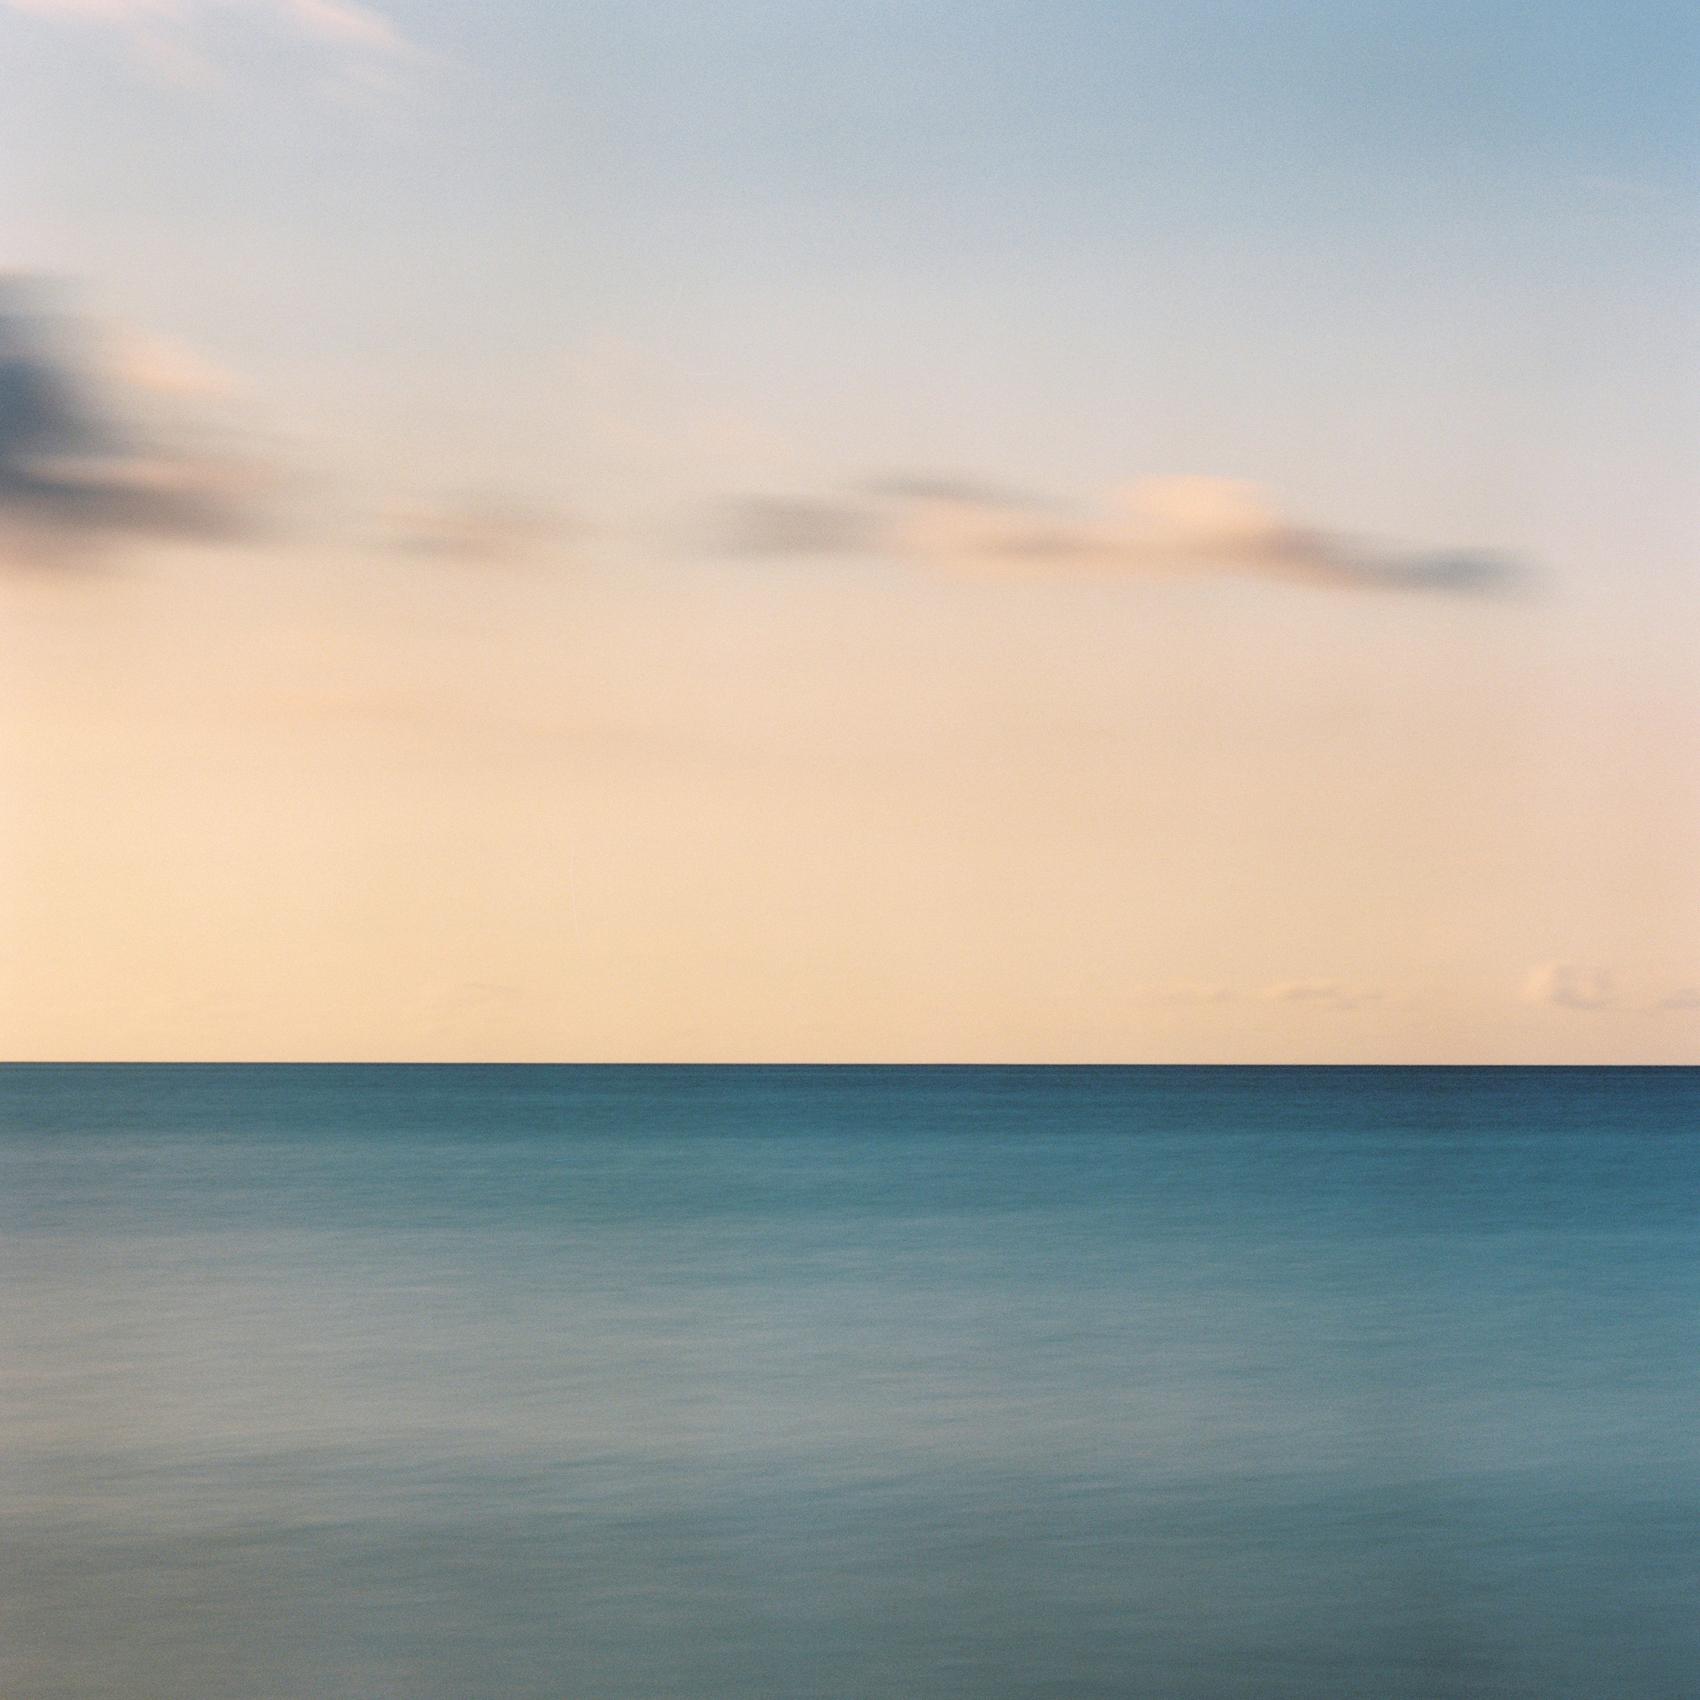 © Nils Karlson